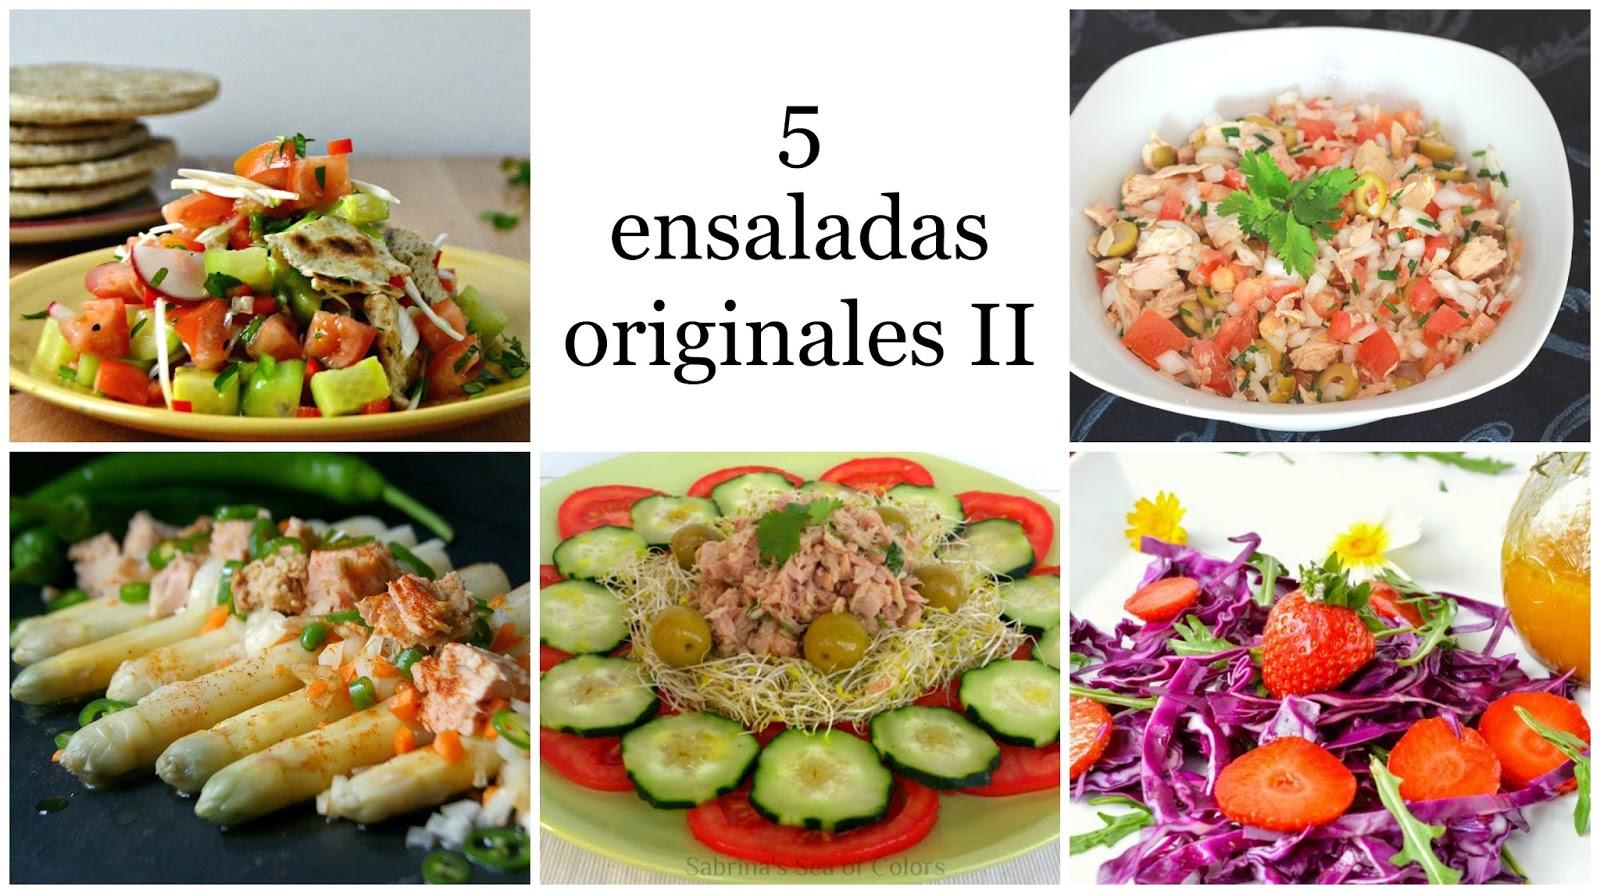 Paseo por la red 5 ensaladas originales II Cuuking Recetas de cocina